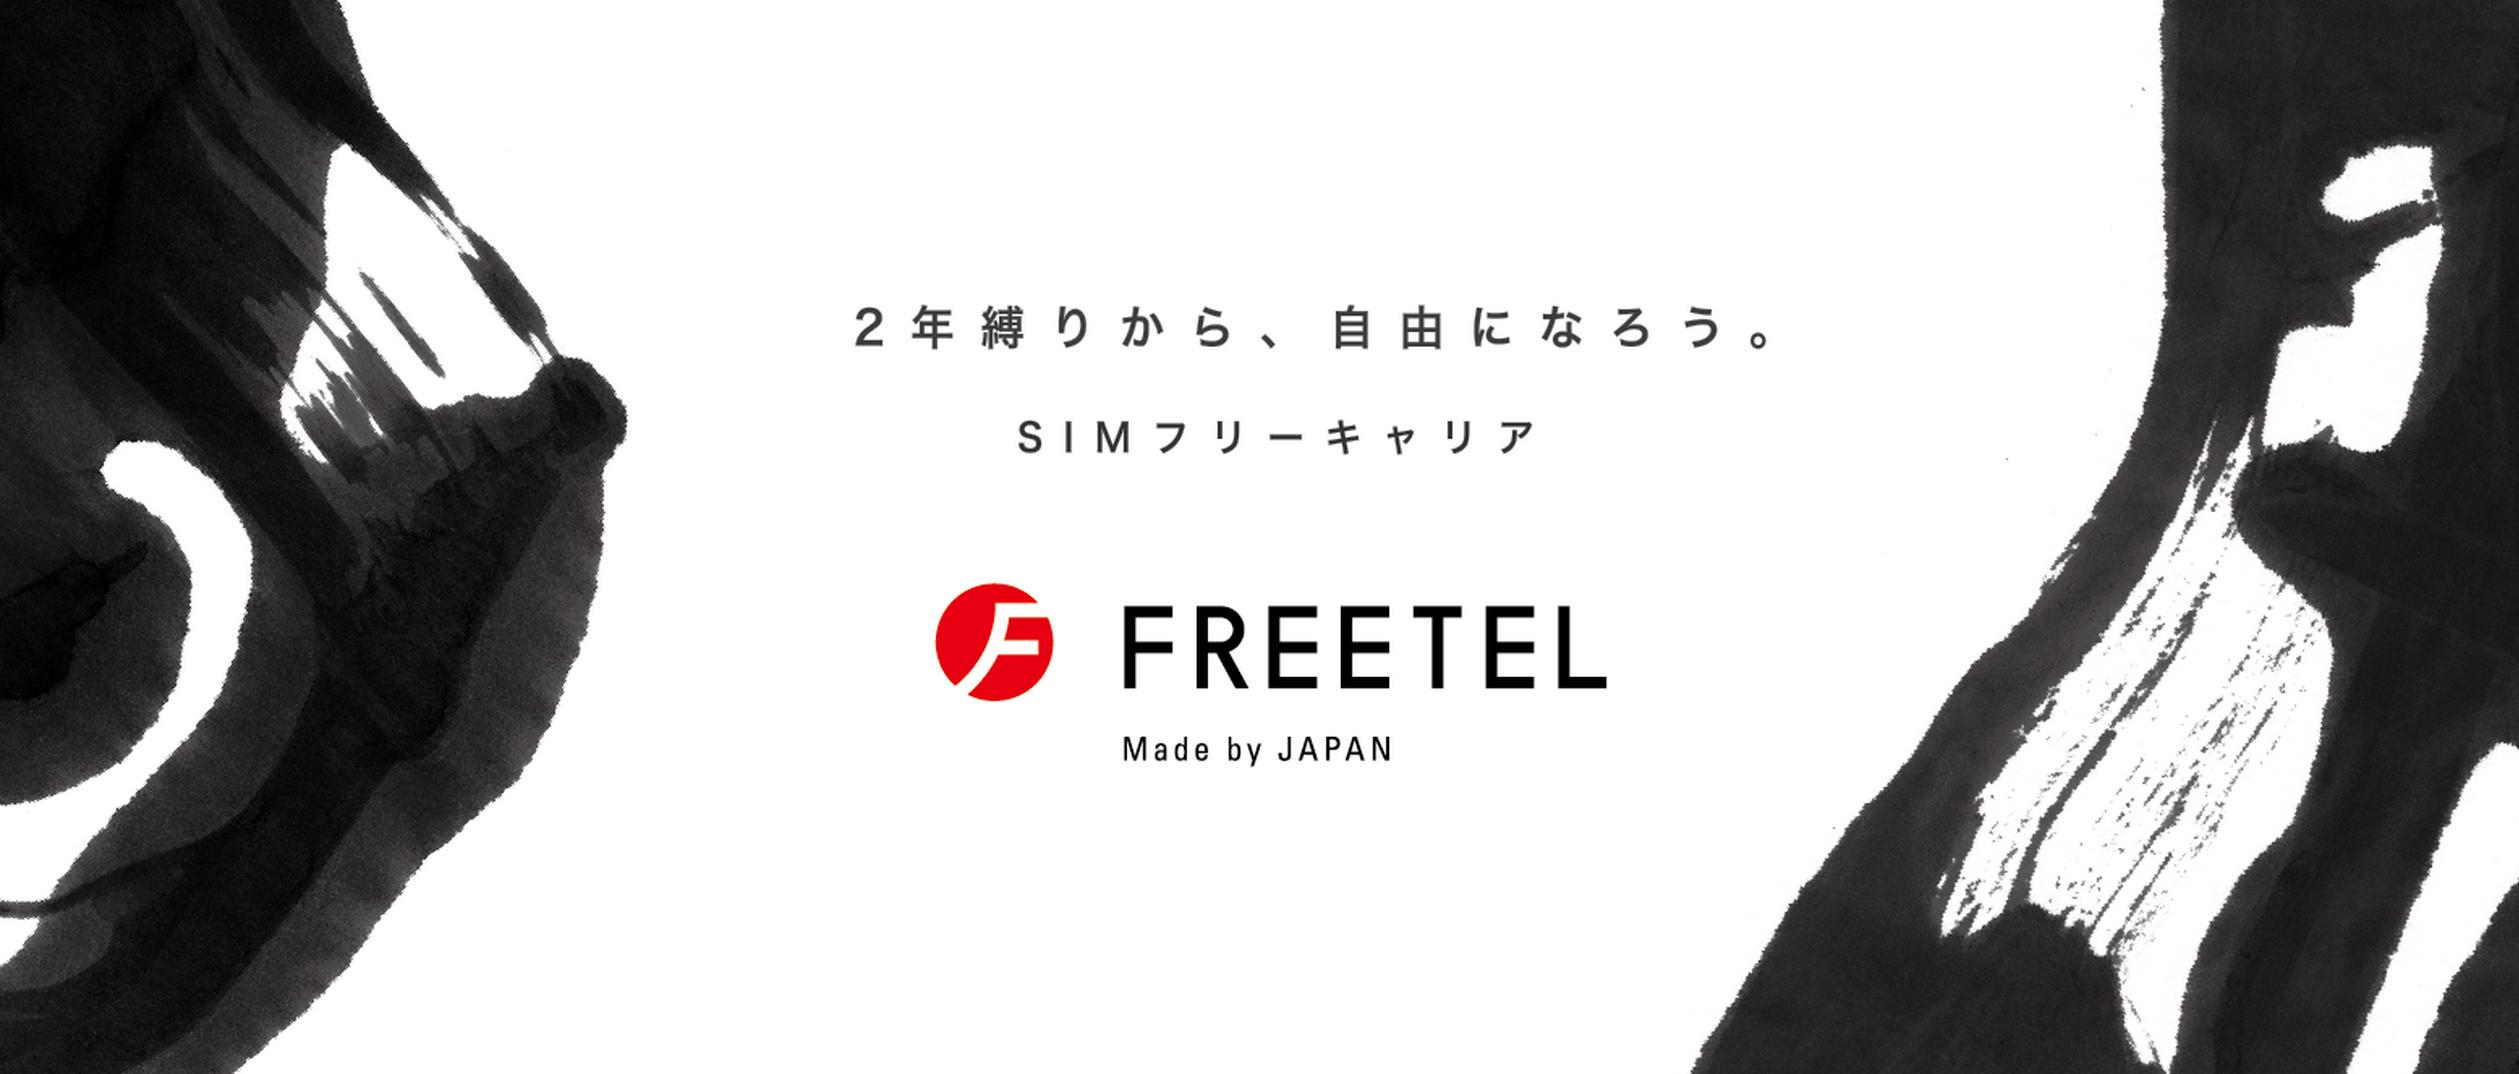 「FREETEL 使った分だけ安心プラン」はスピードテストだけ速度を速くしているのか検証してみる